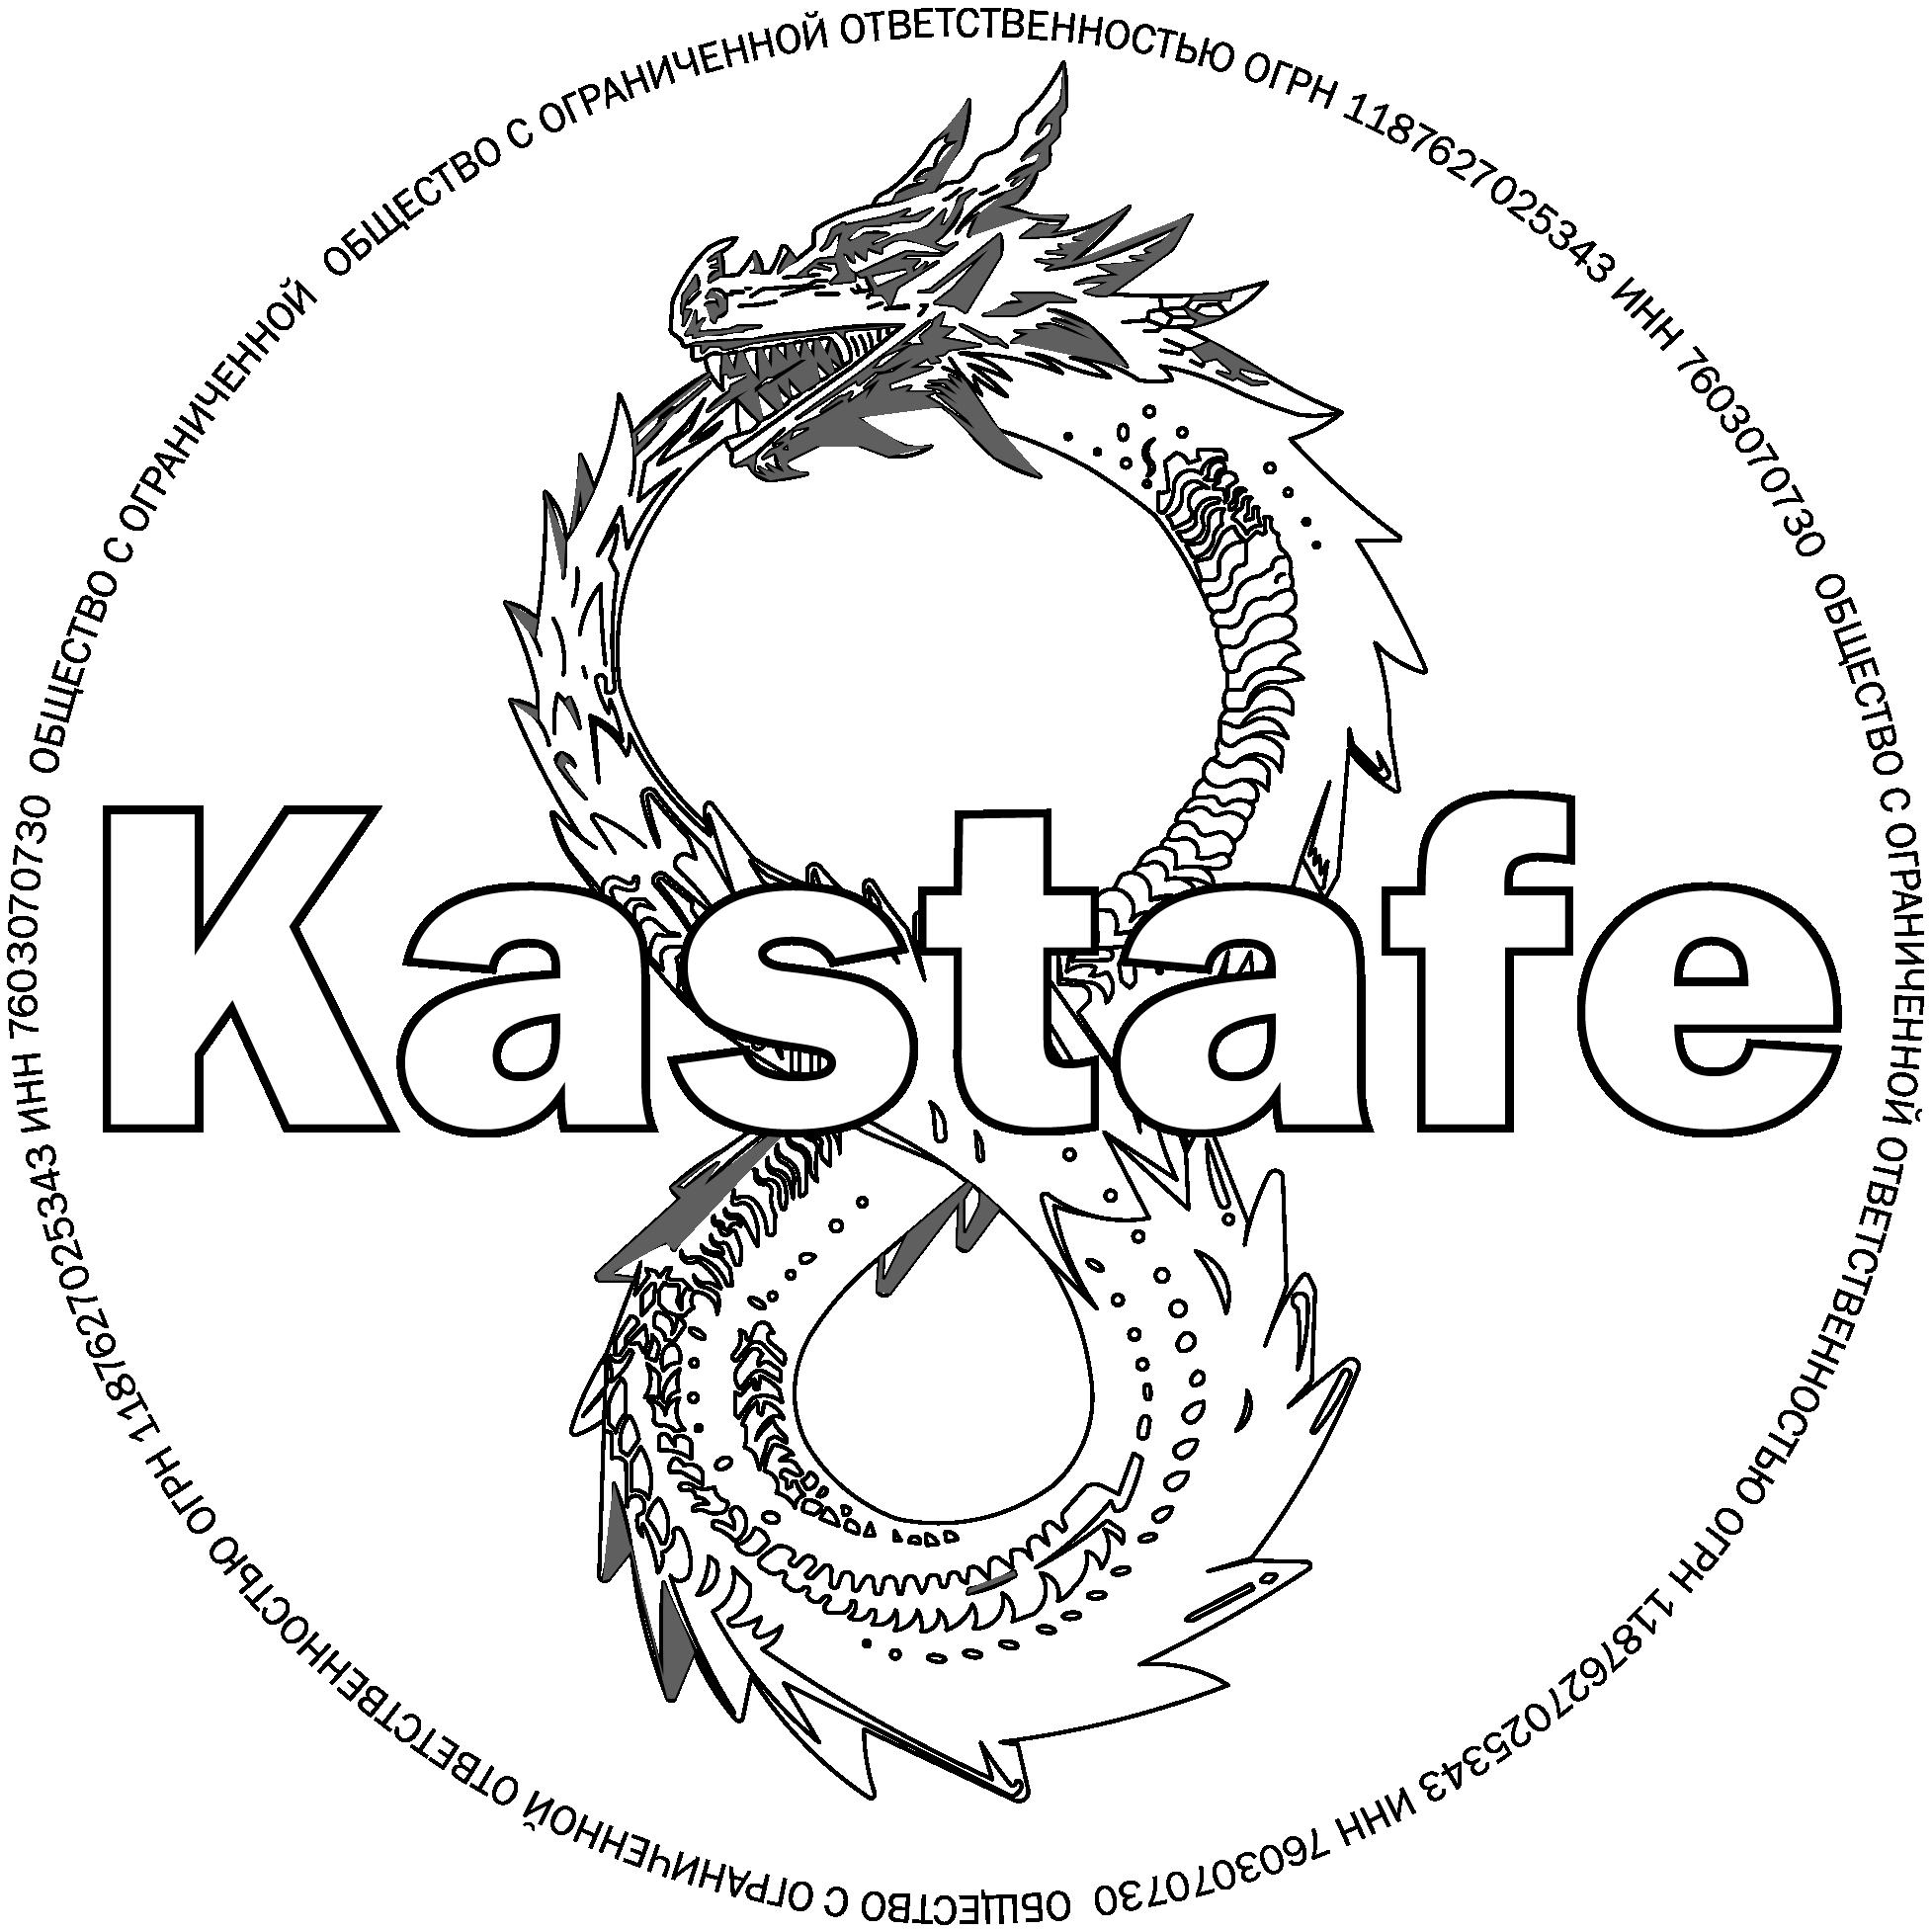 Мастерская Кастафе